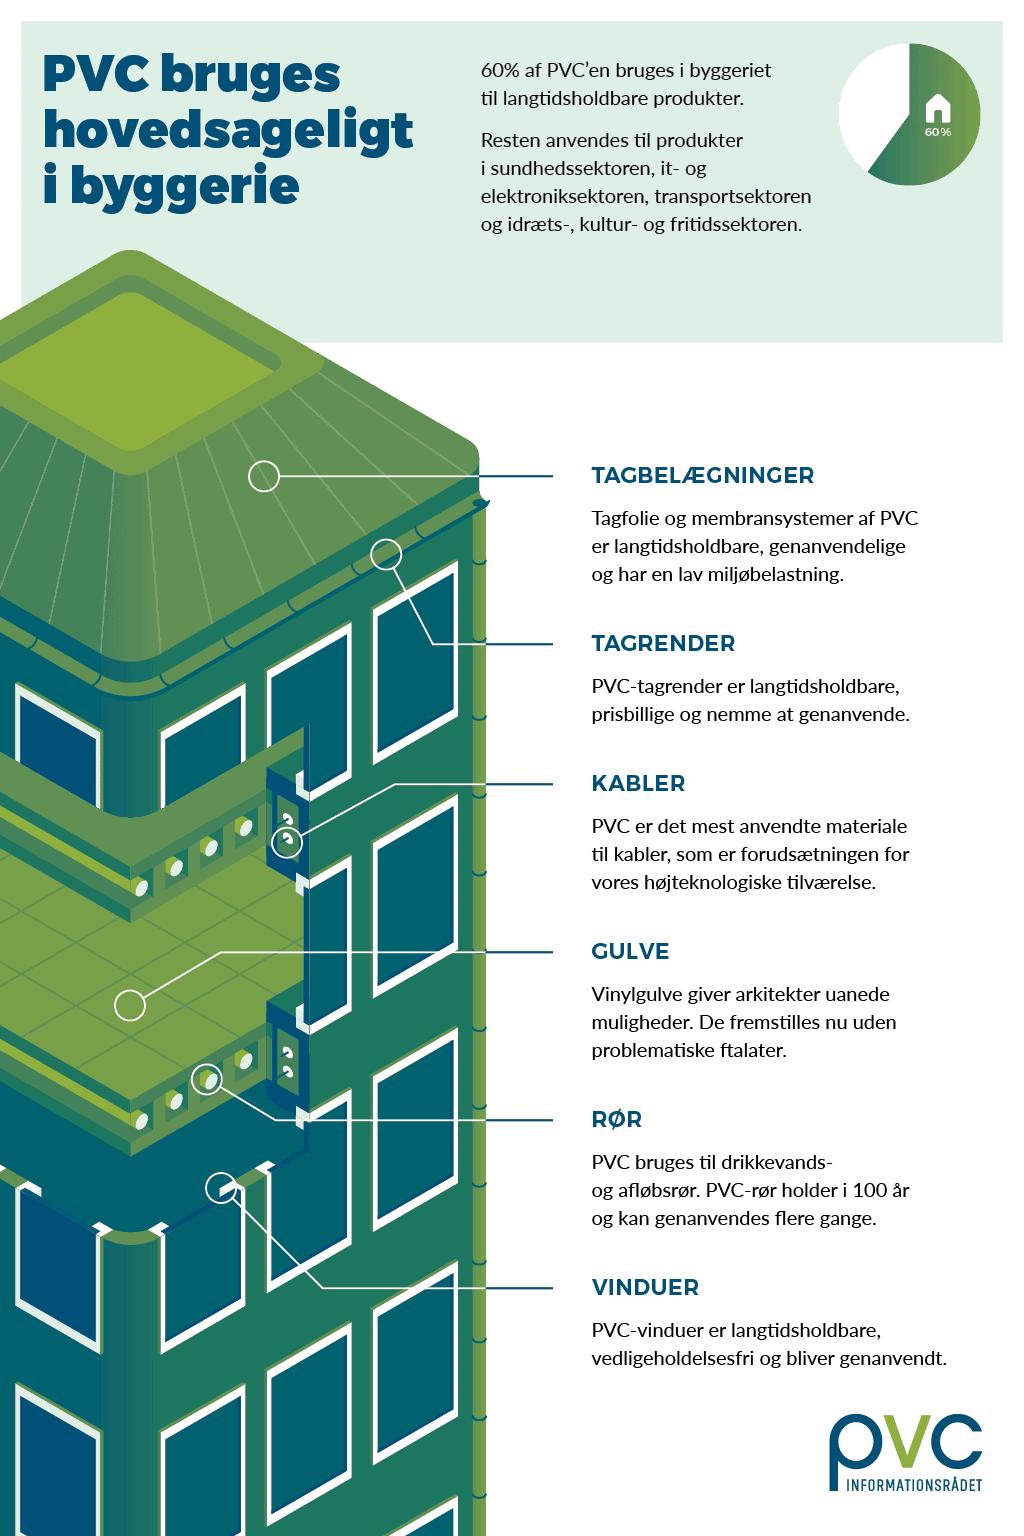 PVC bruges hovedsageligt i byggeriet